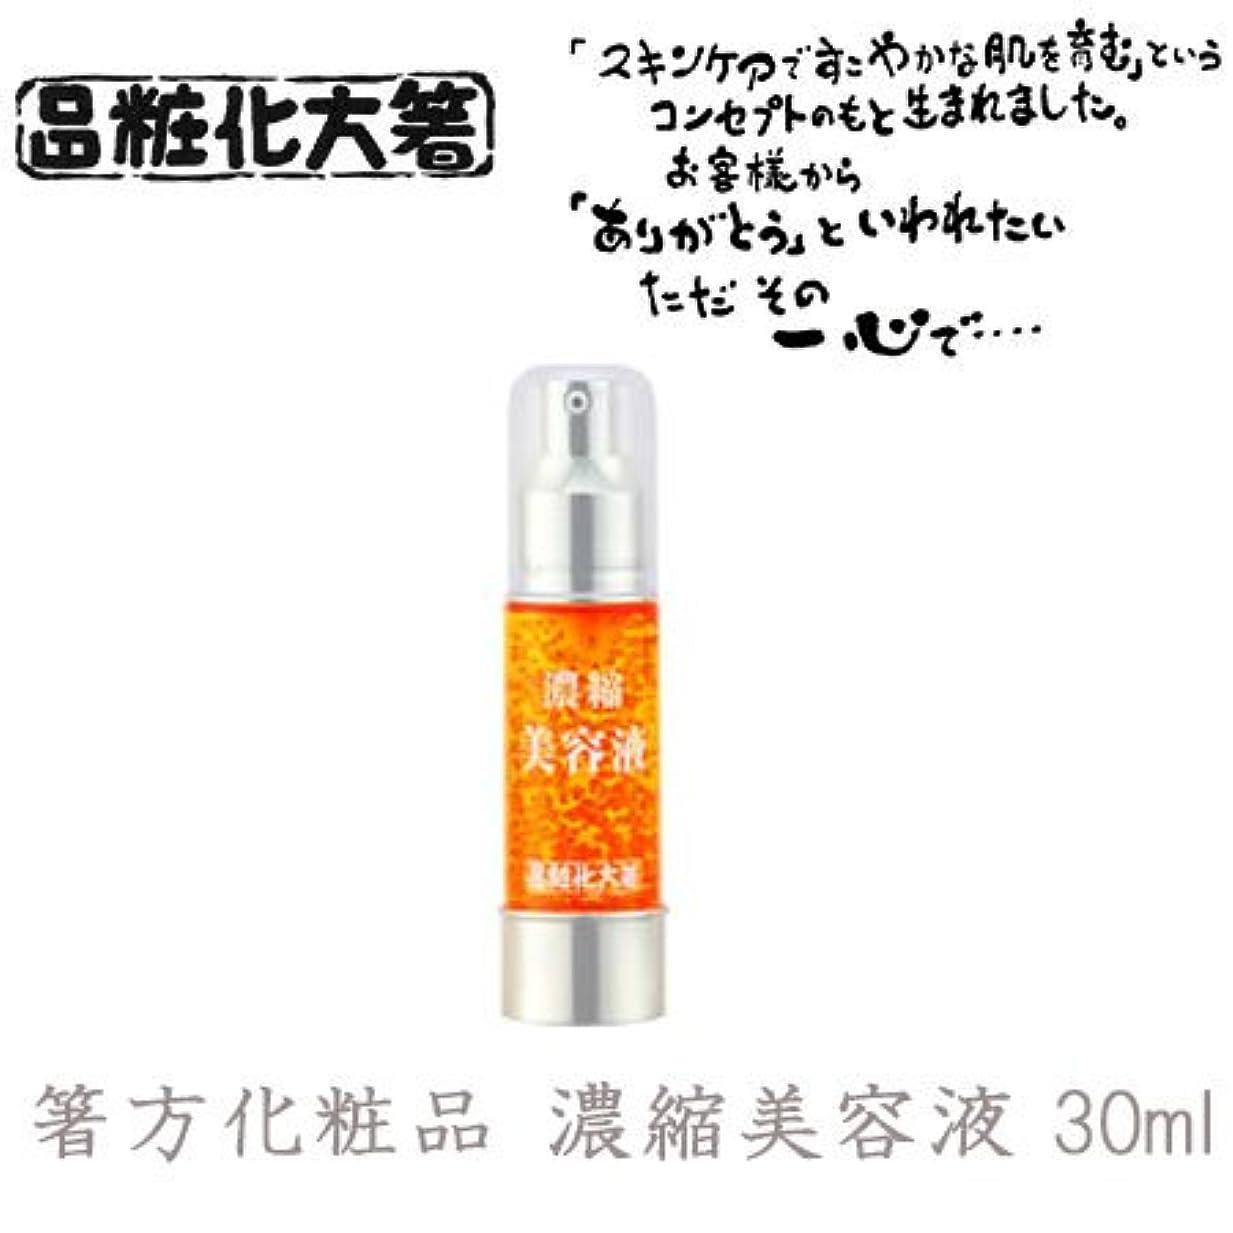 モジュール洪水良心的箸方化粧品 濃縮美容液 30ml はしかた化粧品